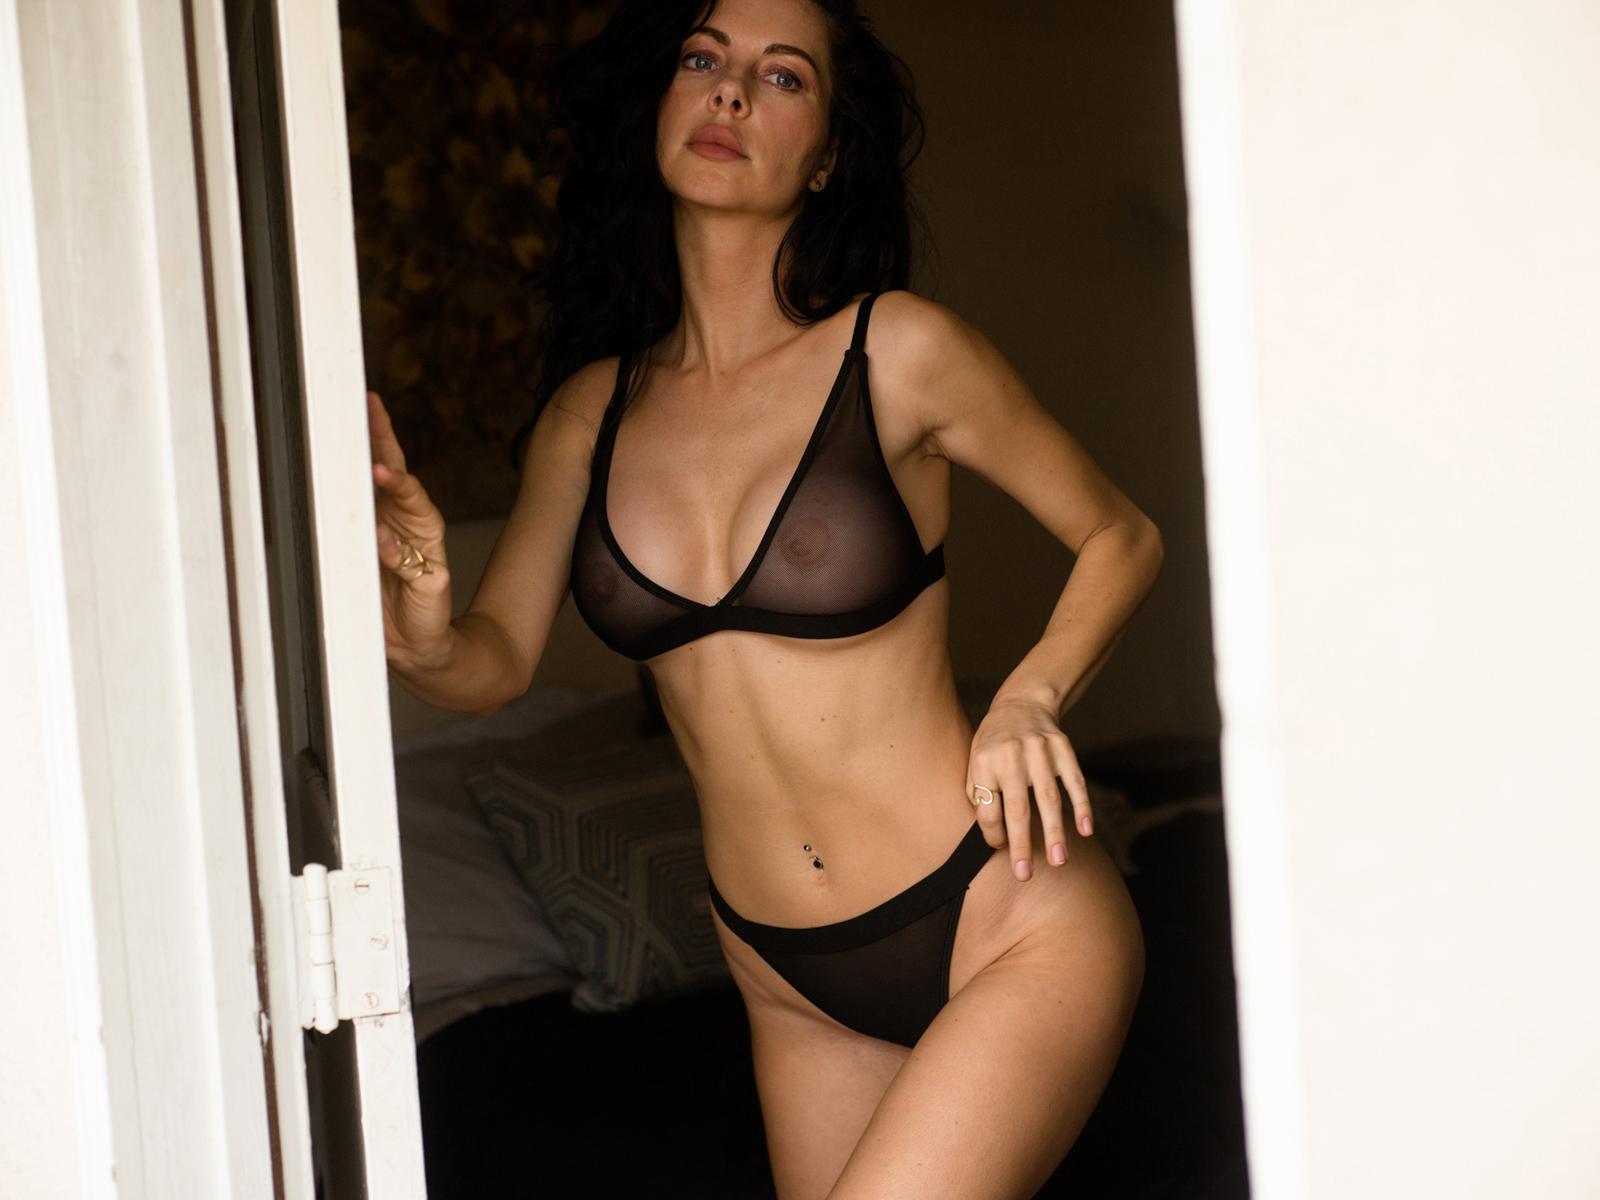 Meg Felix photographed by Mortonovich for Lions magazine